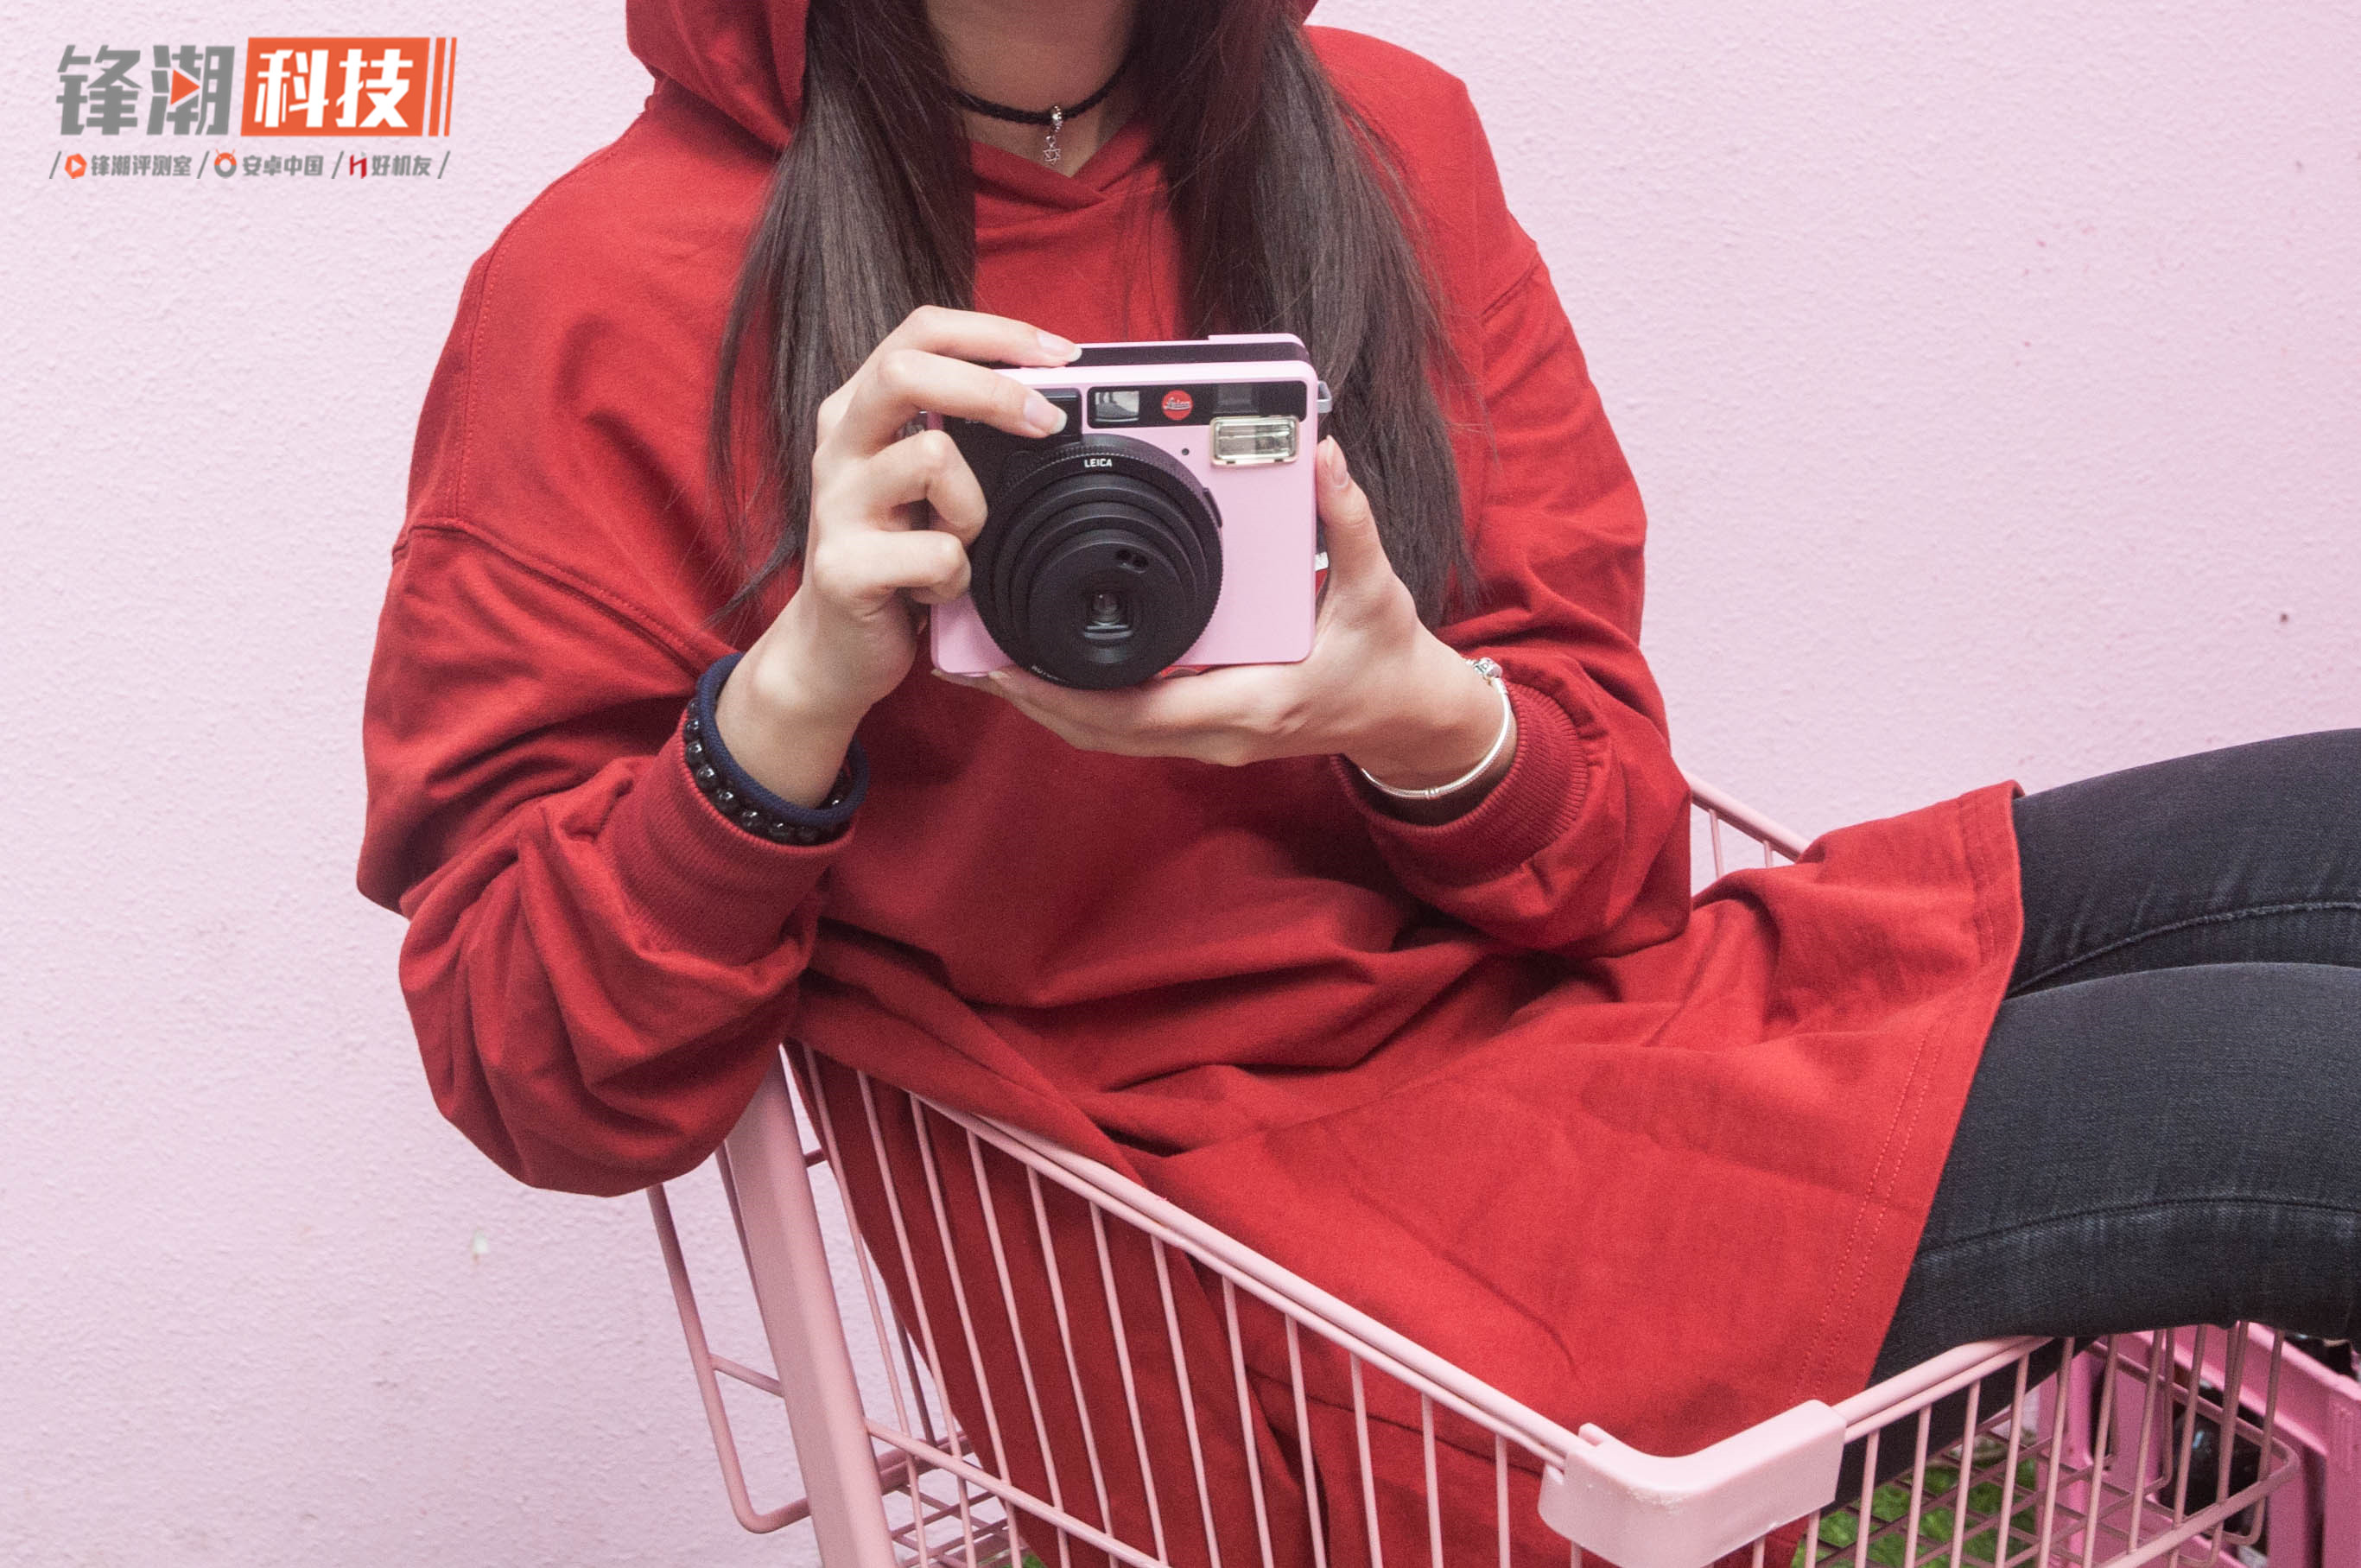 【力皮西】小红标的少女情怀,粉色徕卡Sofort体验